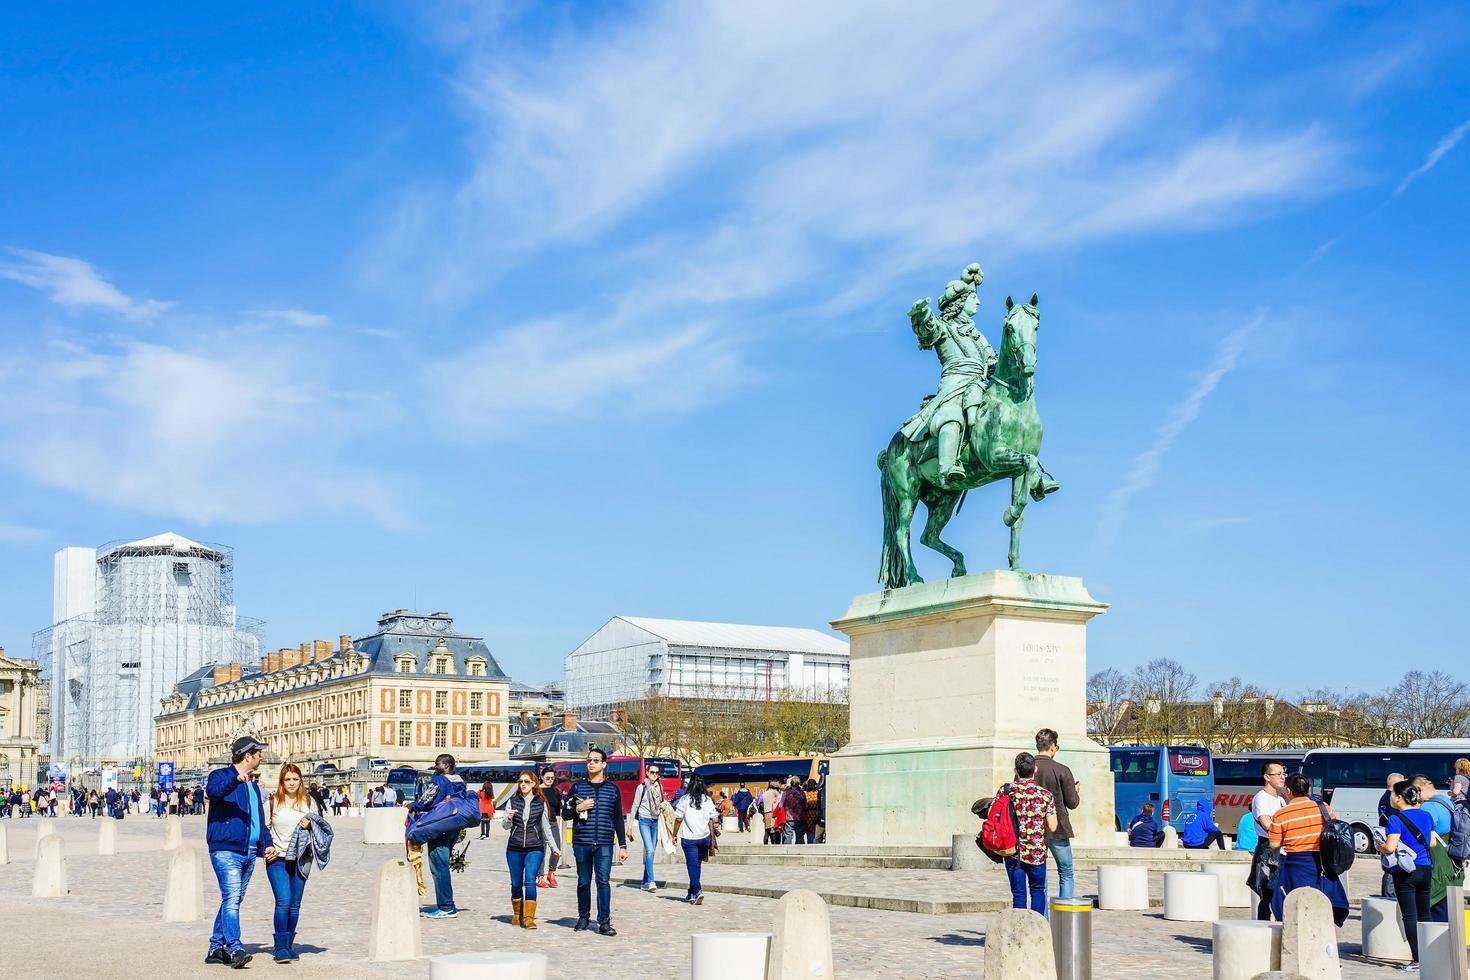 Place d'armes en face du palais royal de versailles en france photo